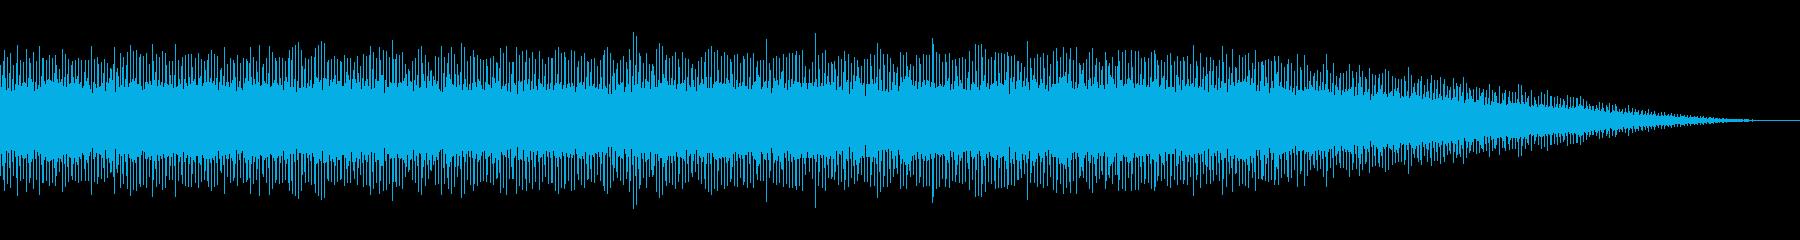 ケタケタ、ブッブッ…いろいろな音の再生済みの波形